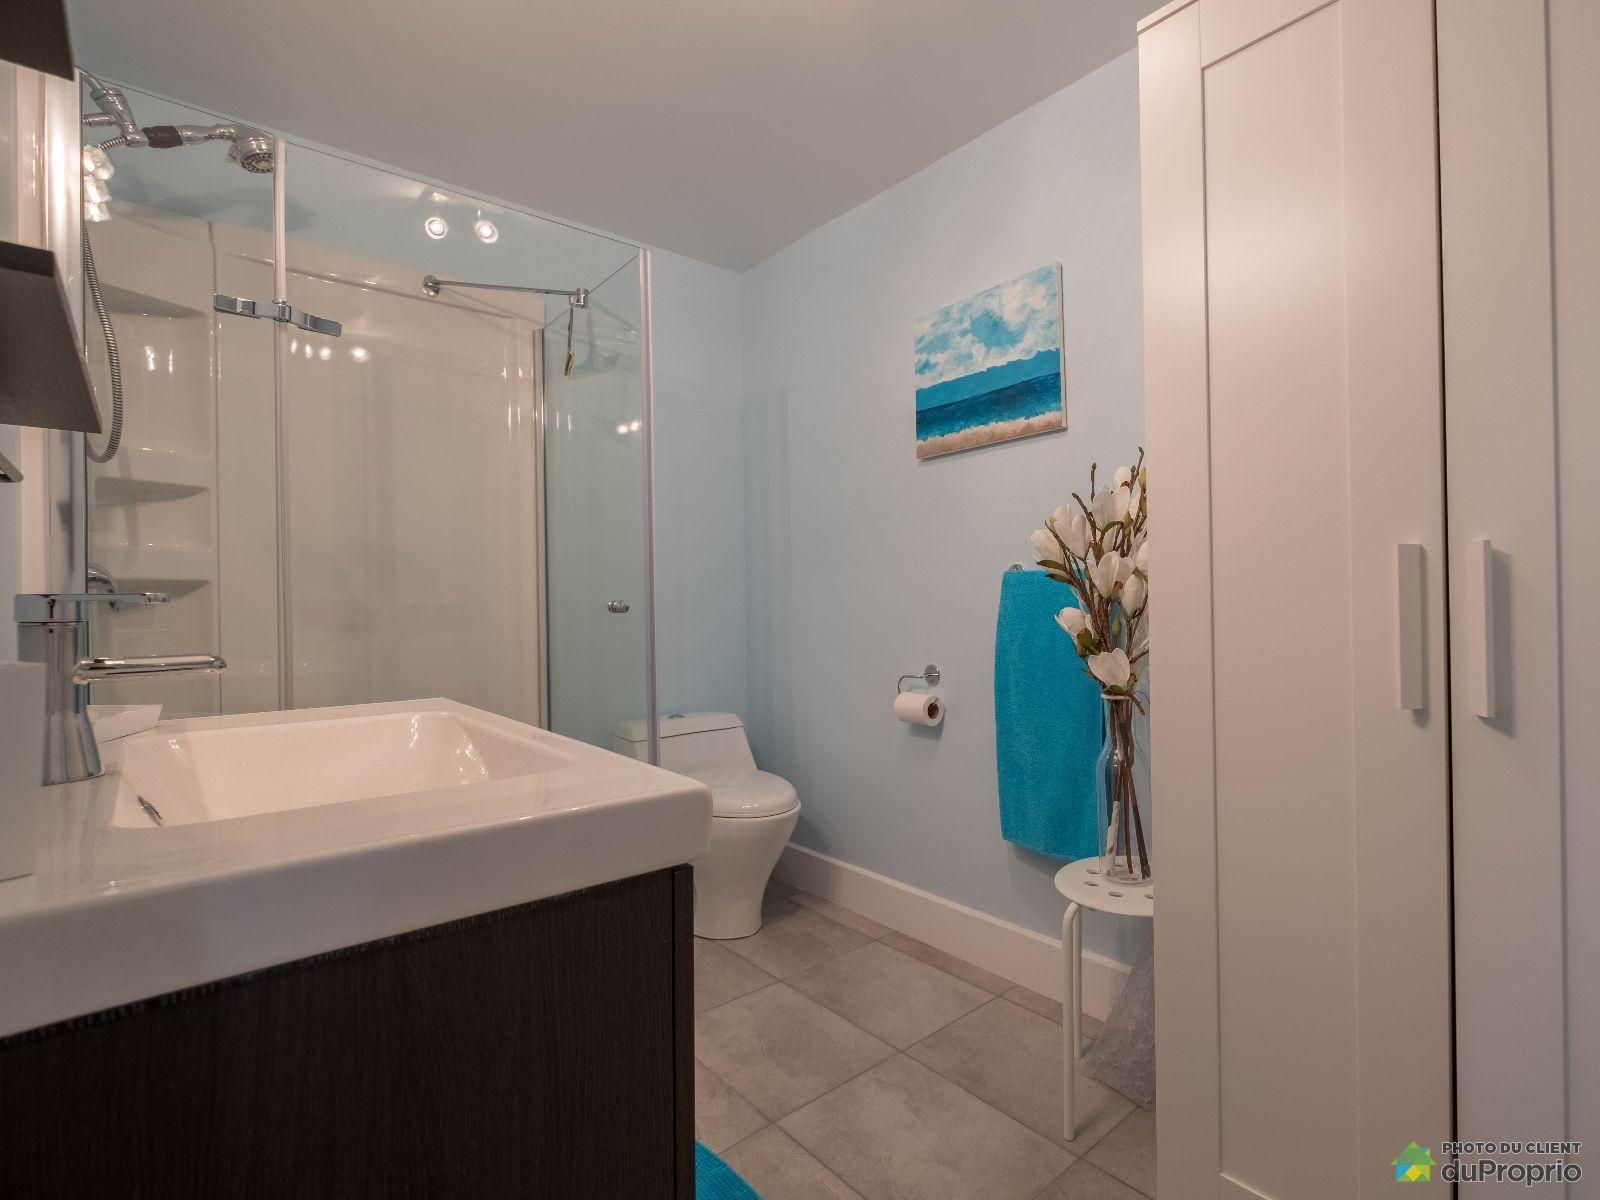 Maison vendre st jean sur richelieu 71 rue denicourt for Prix salle de bain sous sol